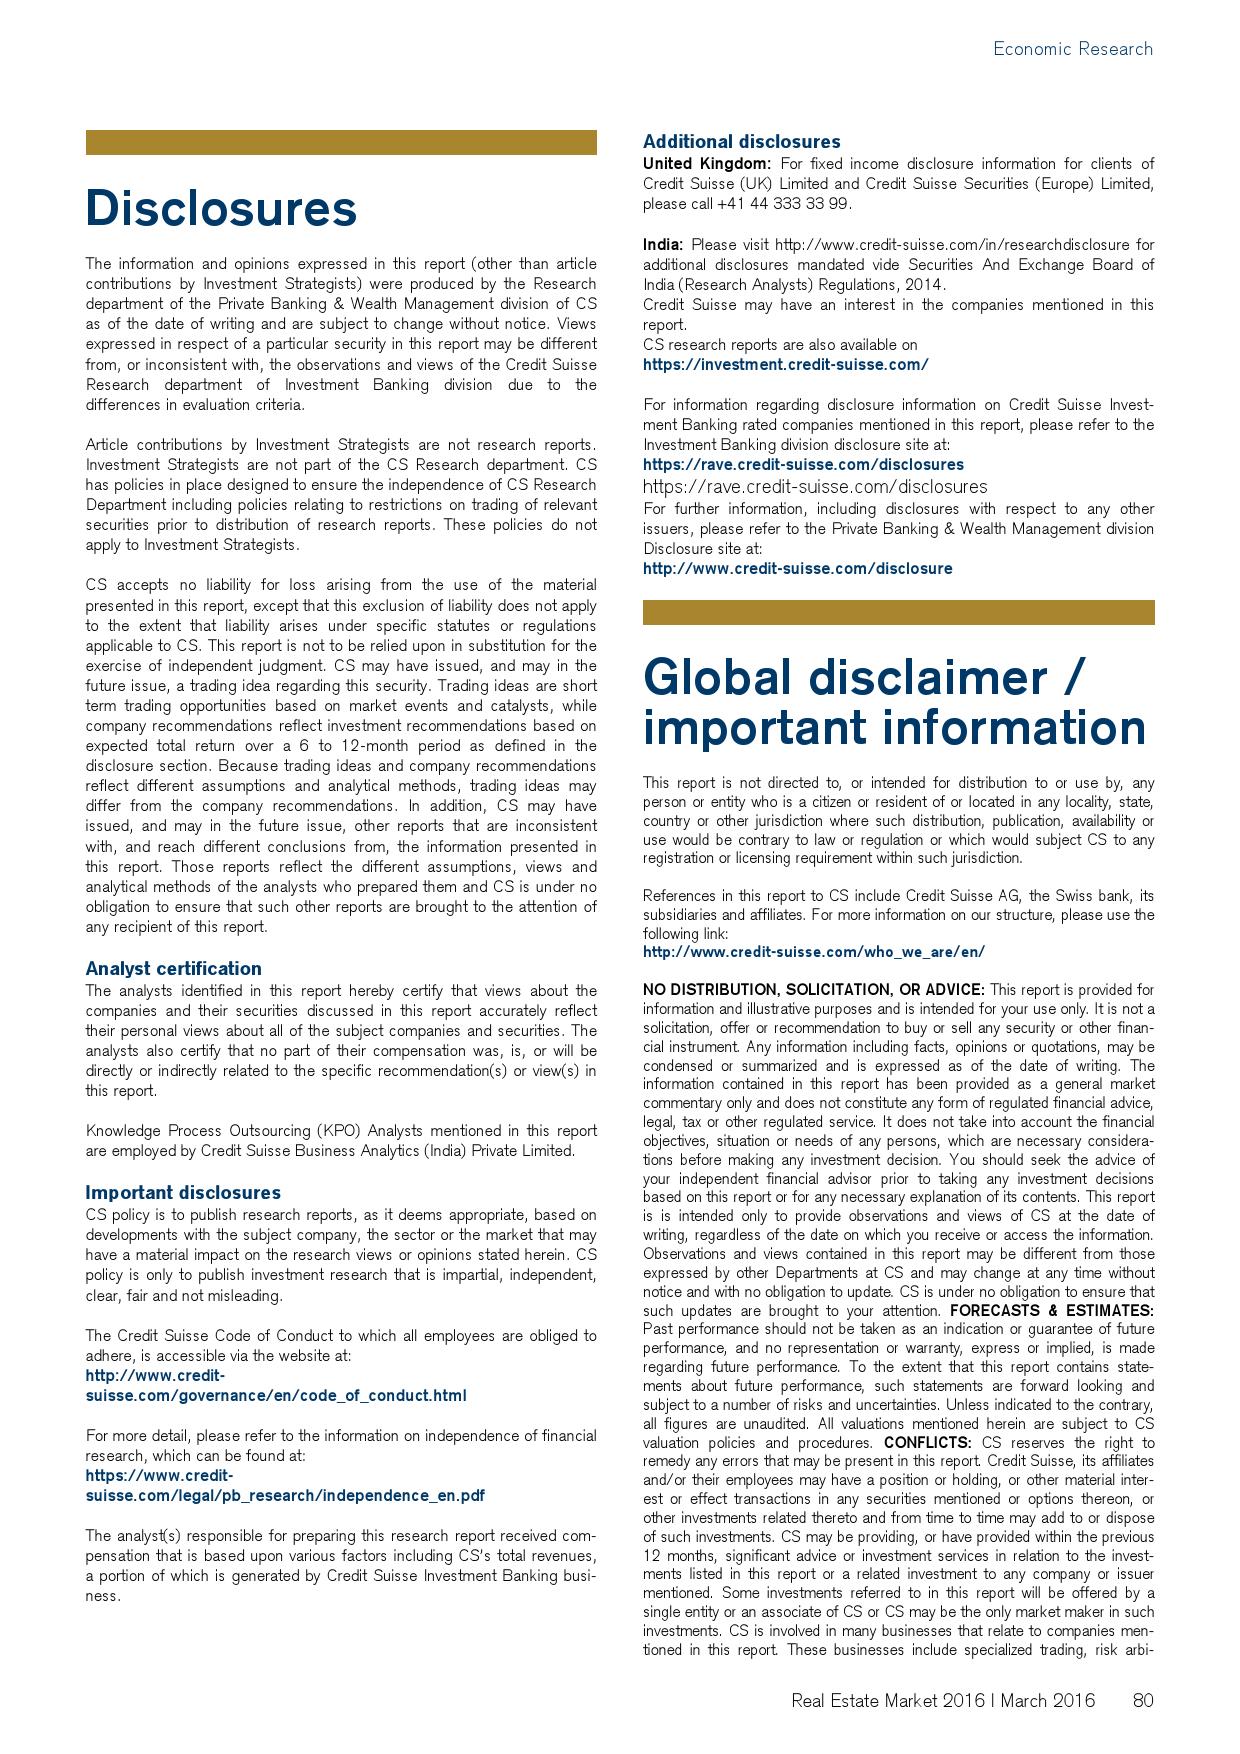 2016年瑞士房地产市场研究报告_000080